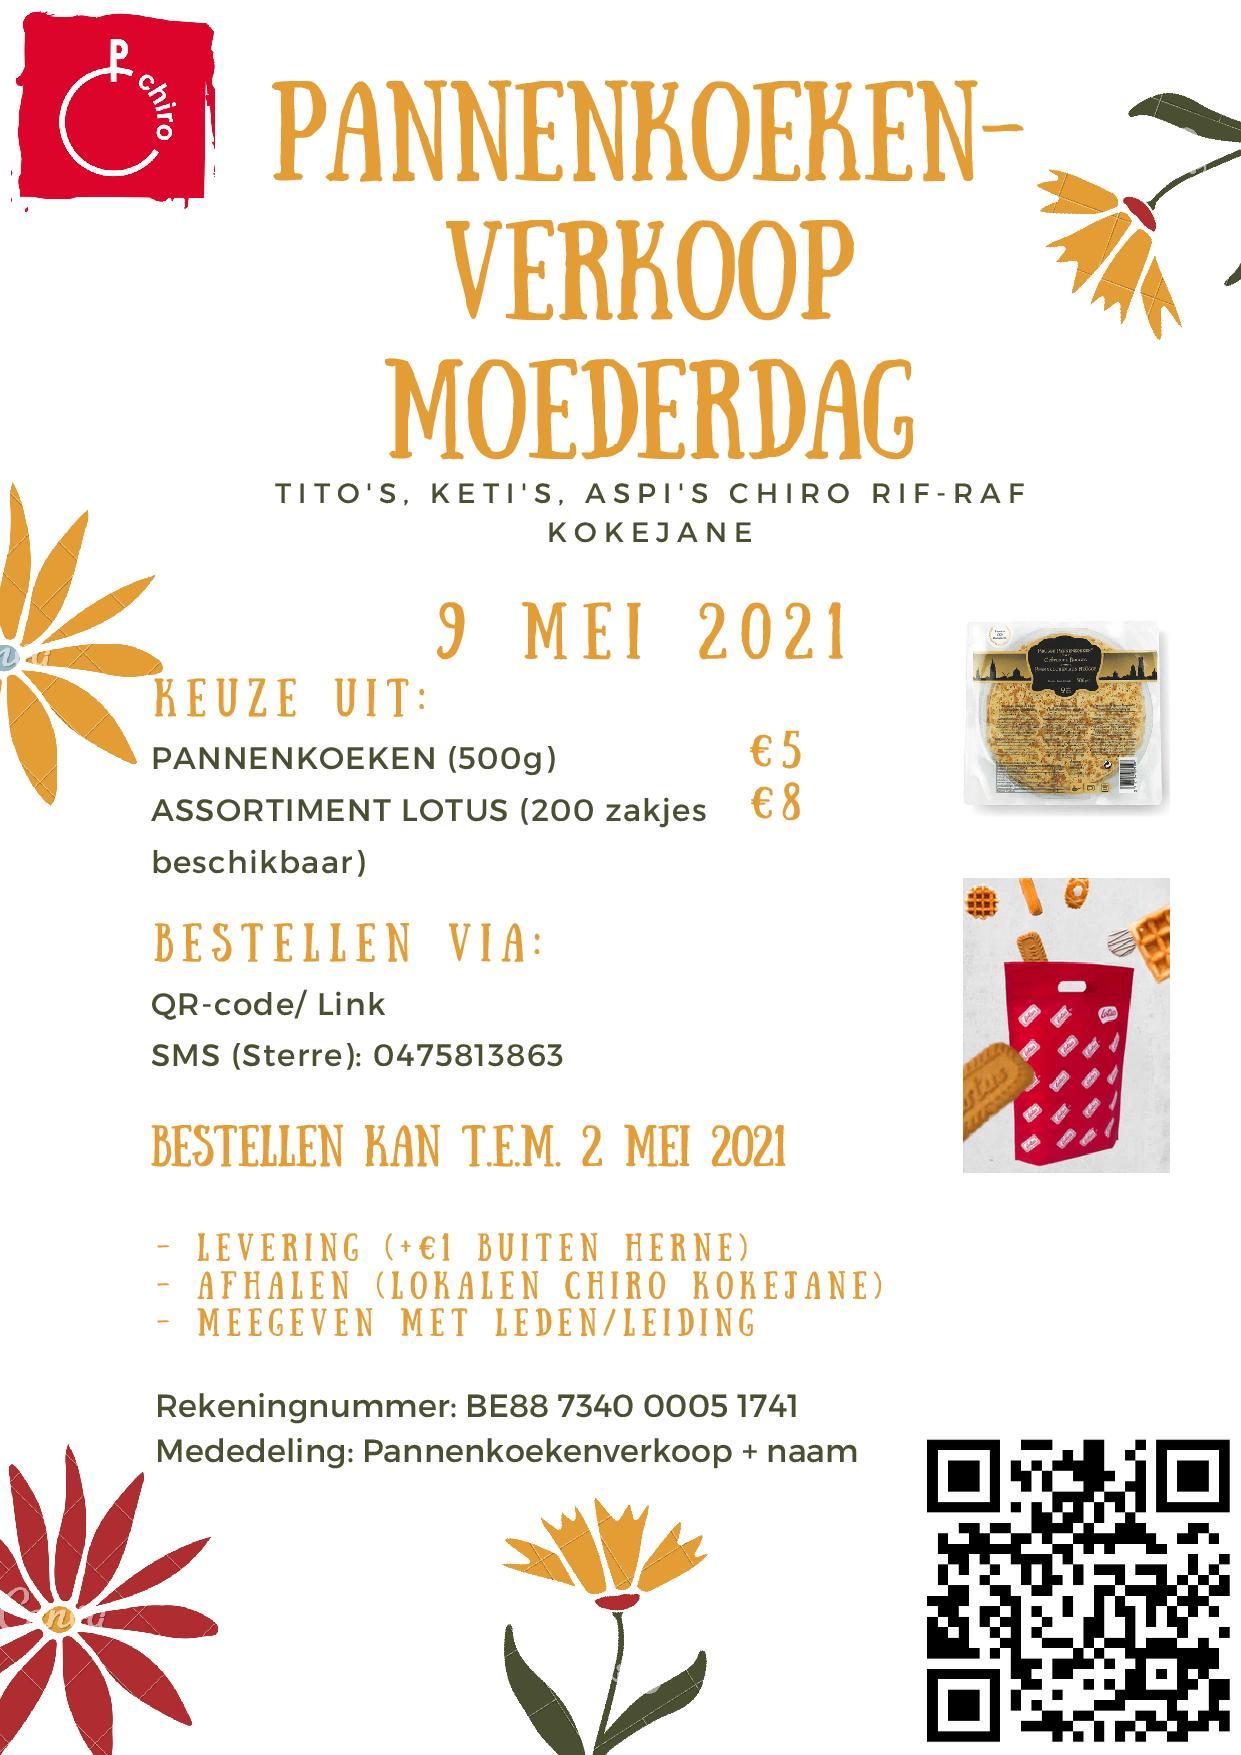 Brugse pannenkoeken en Lotus koekenpakketten verkoop voor Moederdag